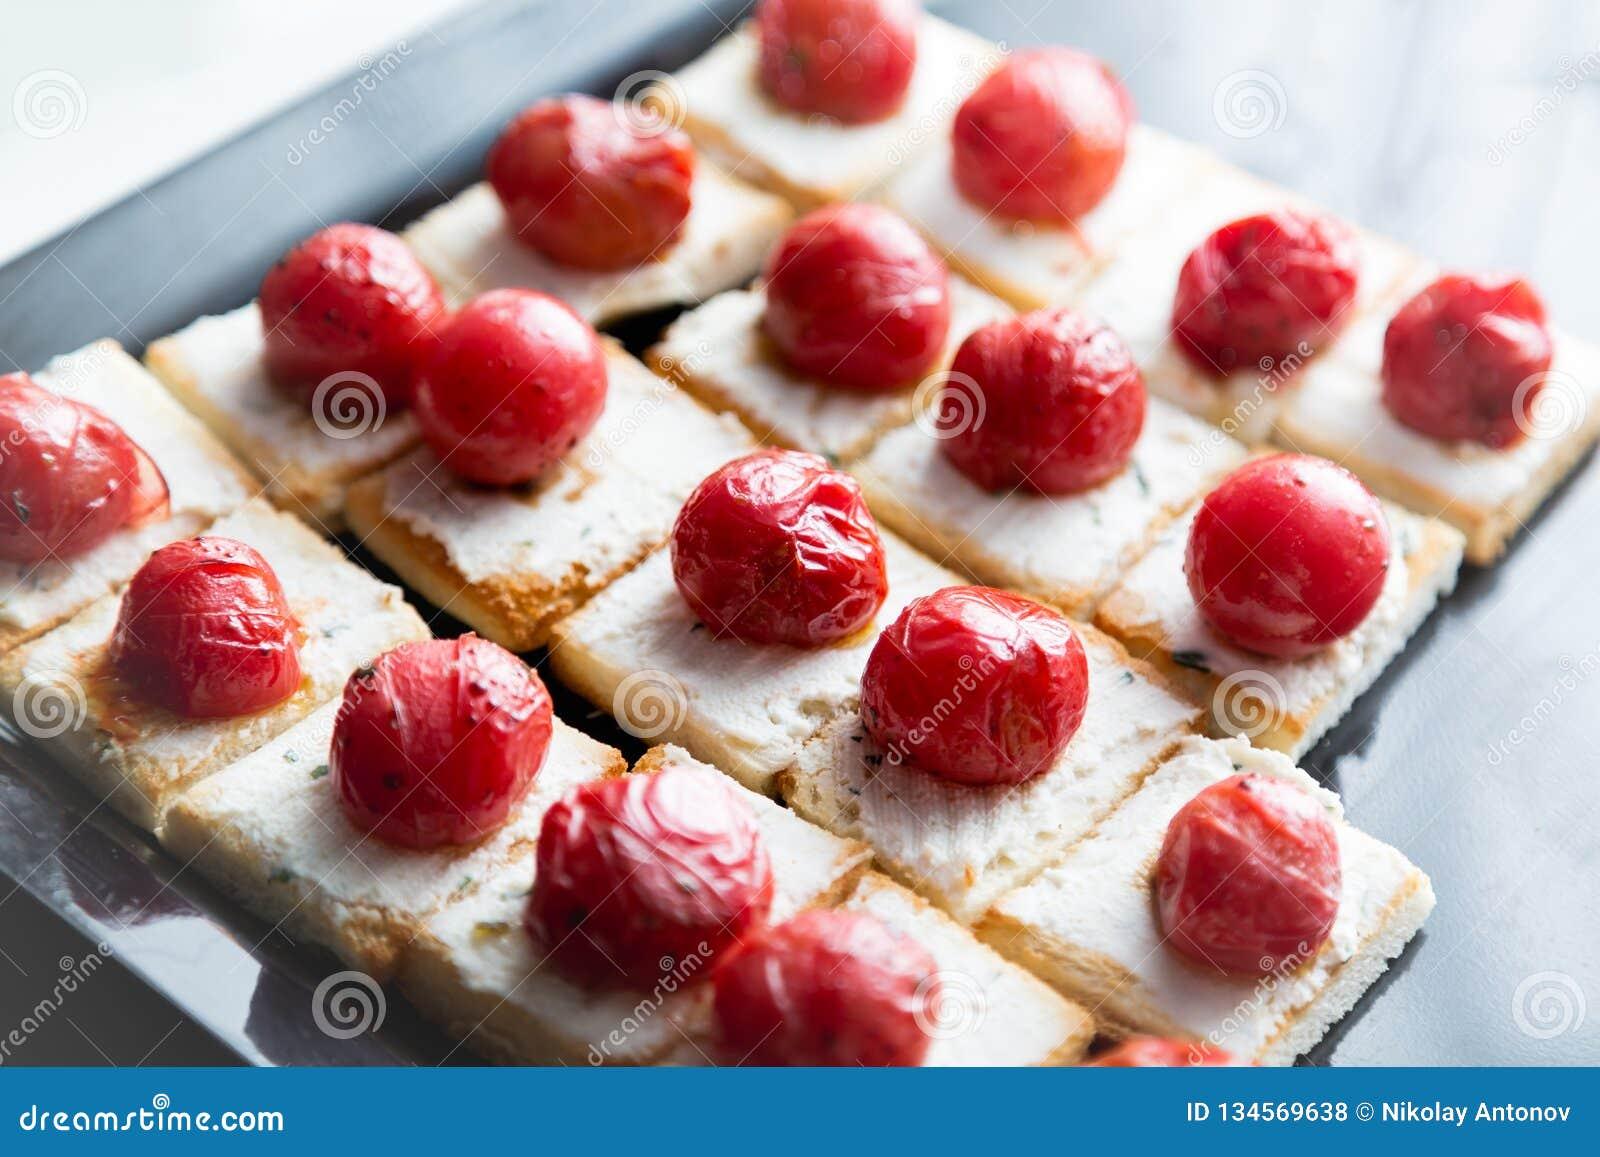 Små smörgåsar med ost och den grillade körsbärsröda tomaten Sköta om mat